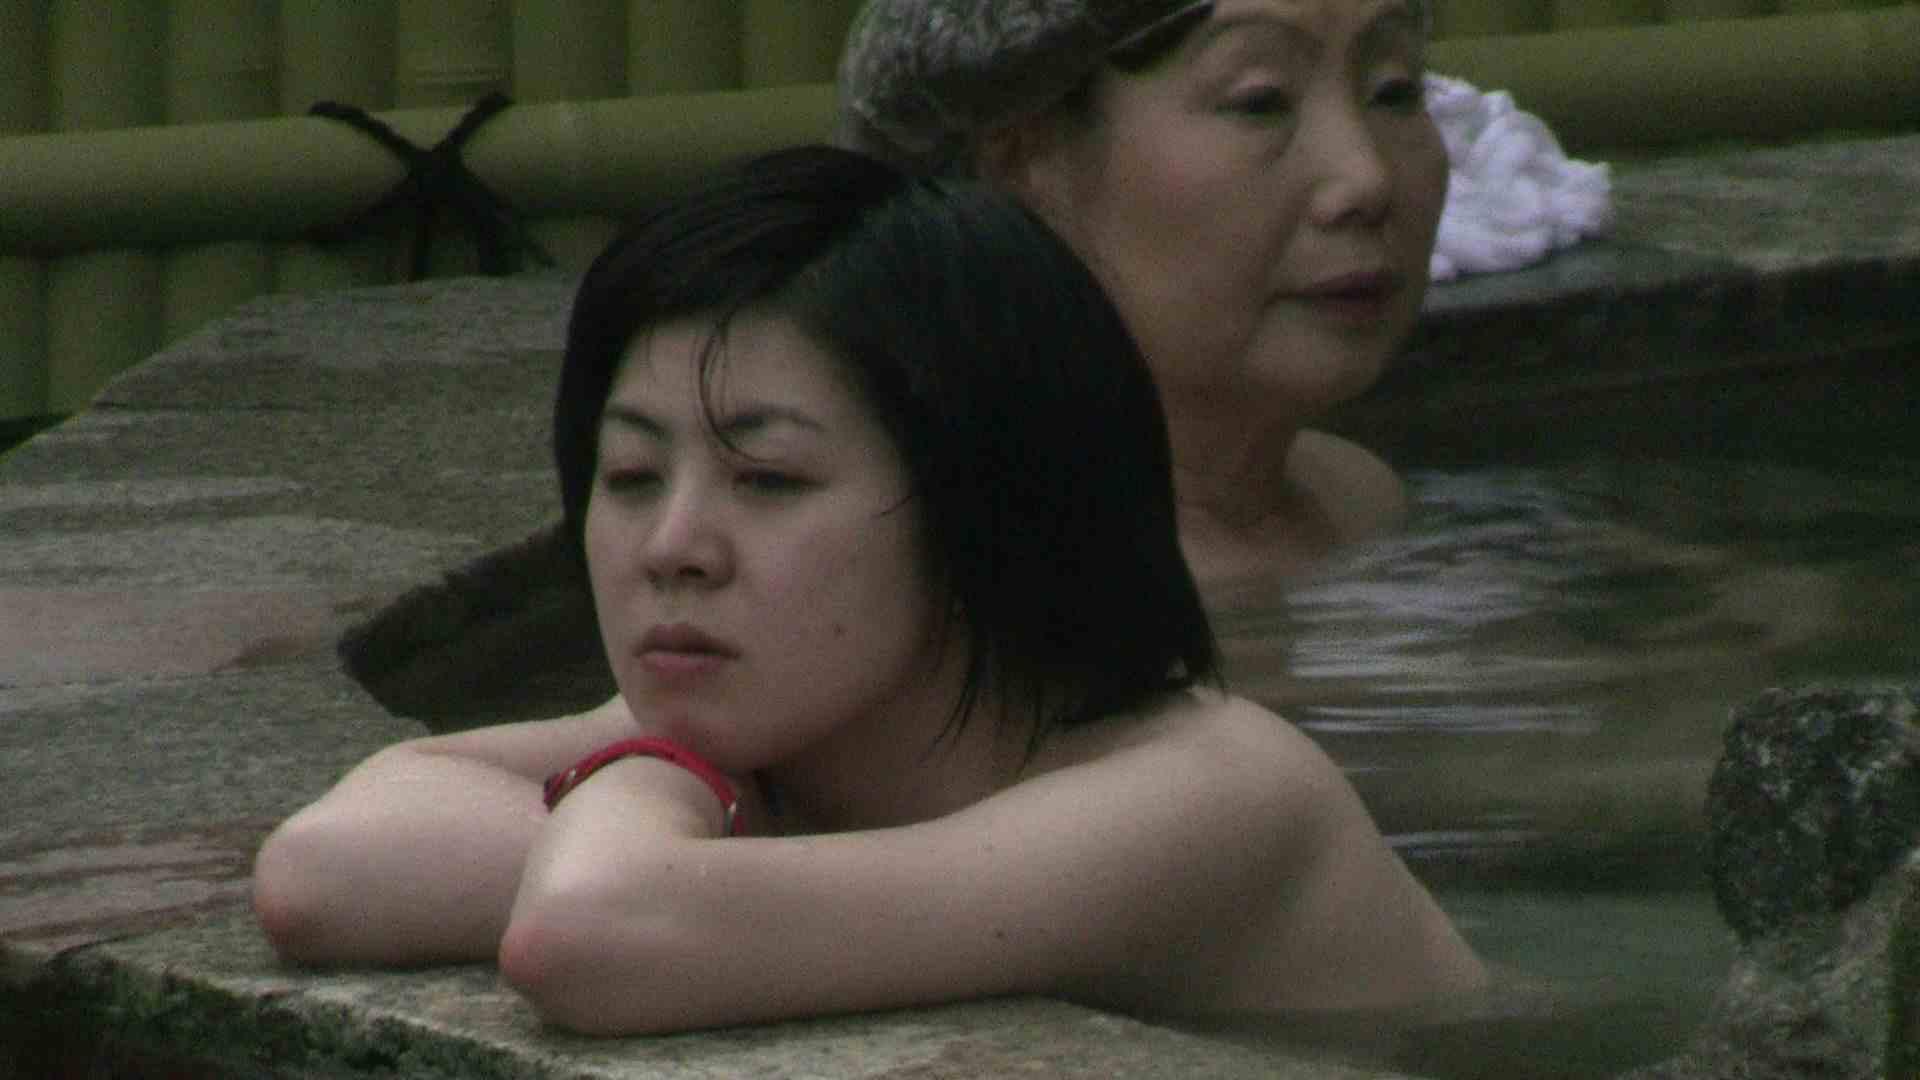 Aquaな露天風呂Vol.685 美しいOLの裸体 スケベ動画紹介 88pic 11